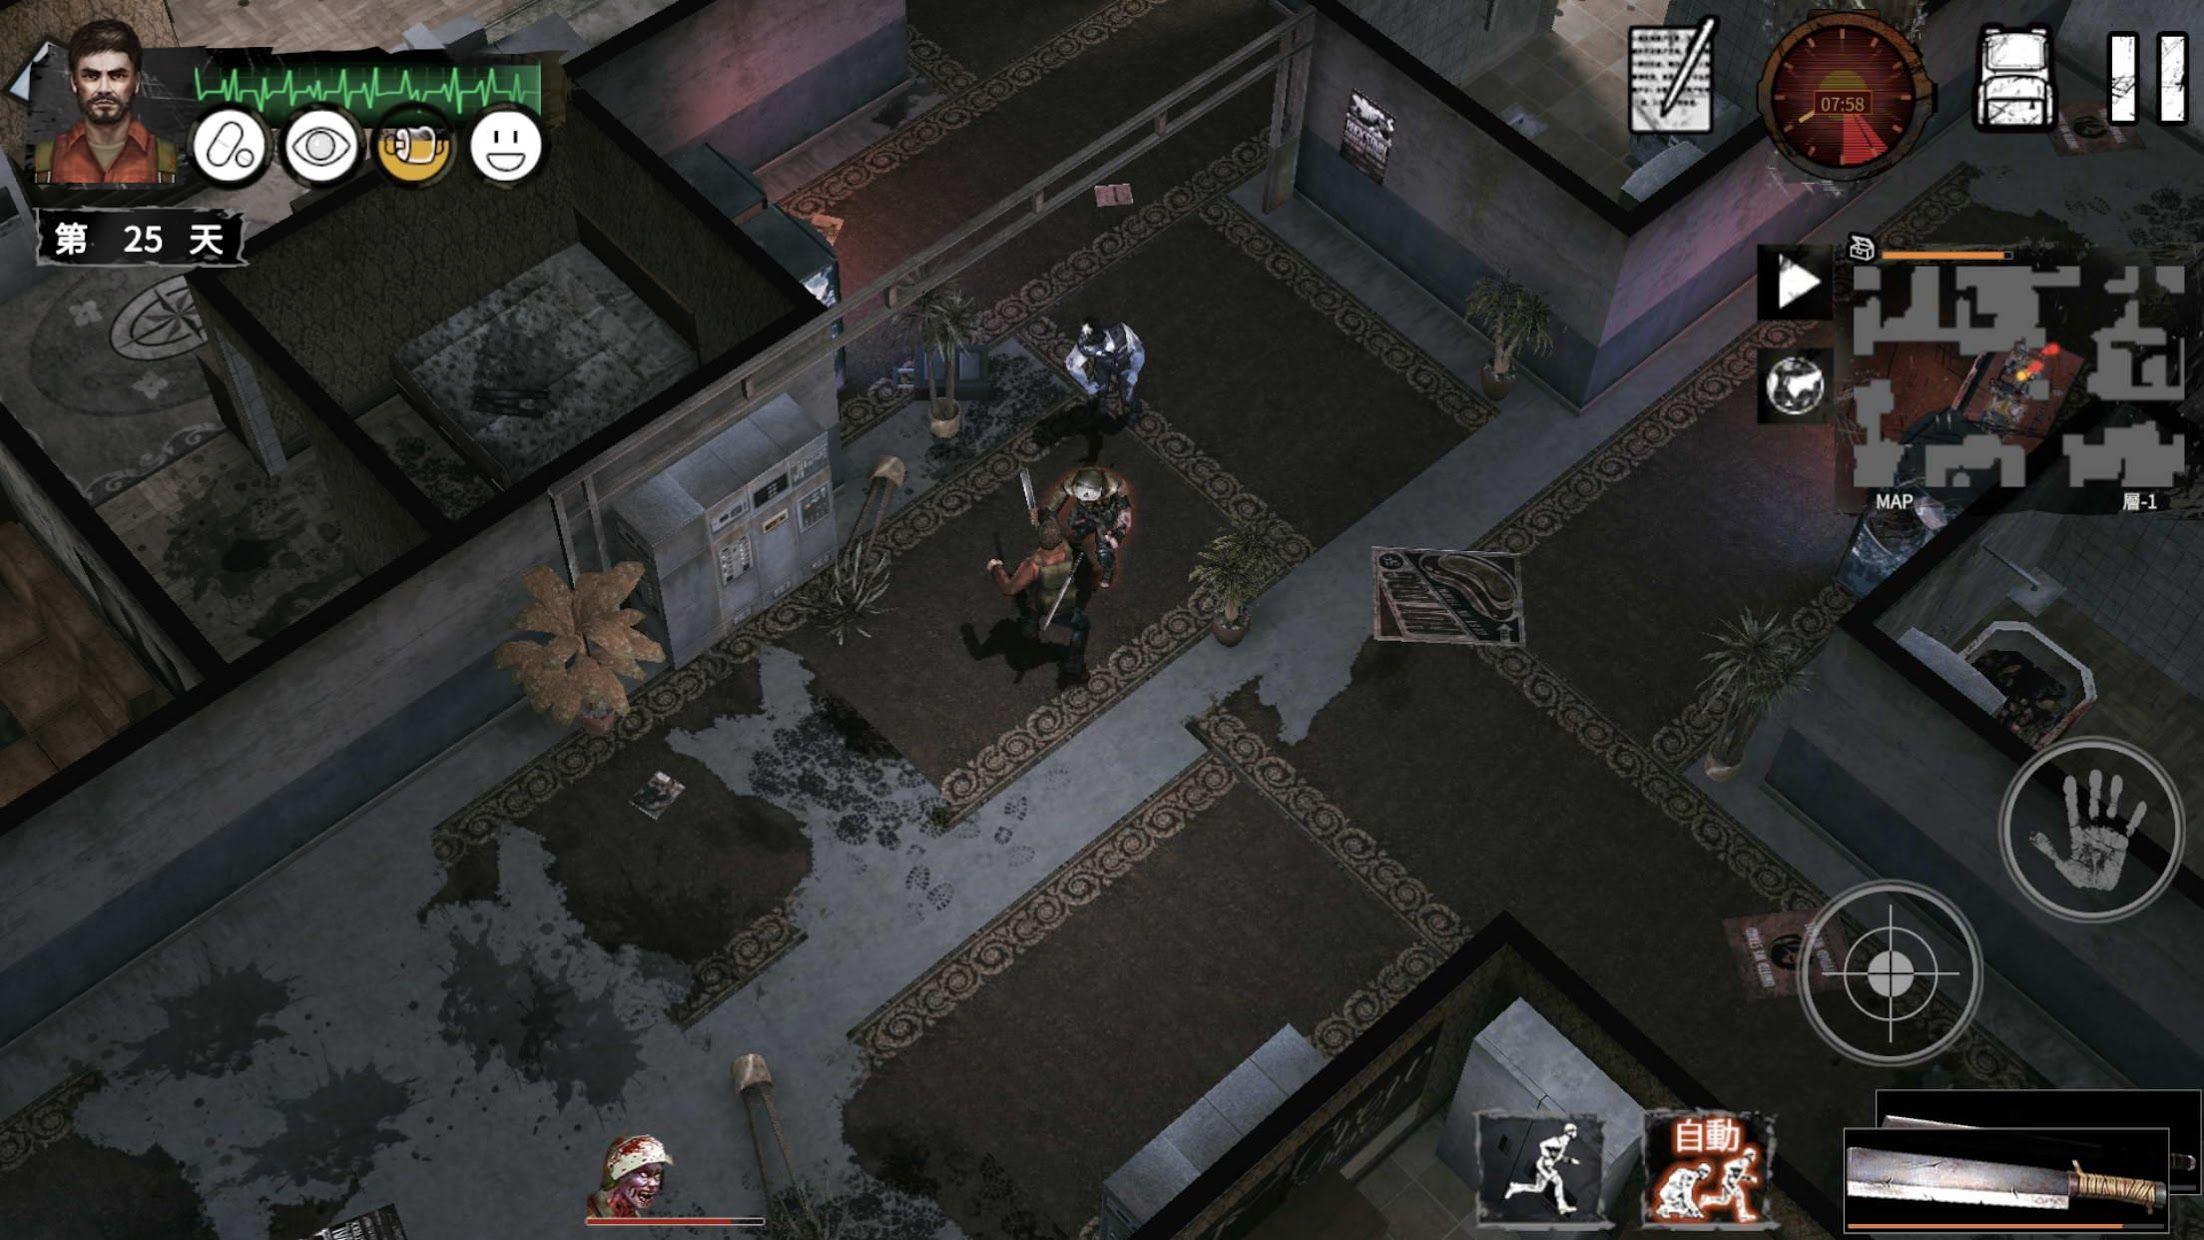 末日方舟: 生存 游戏截图4